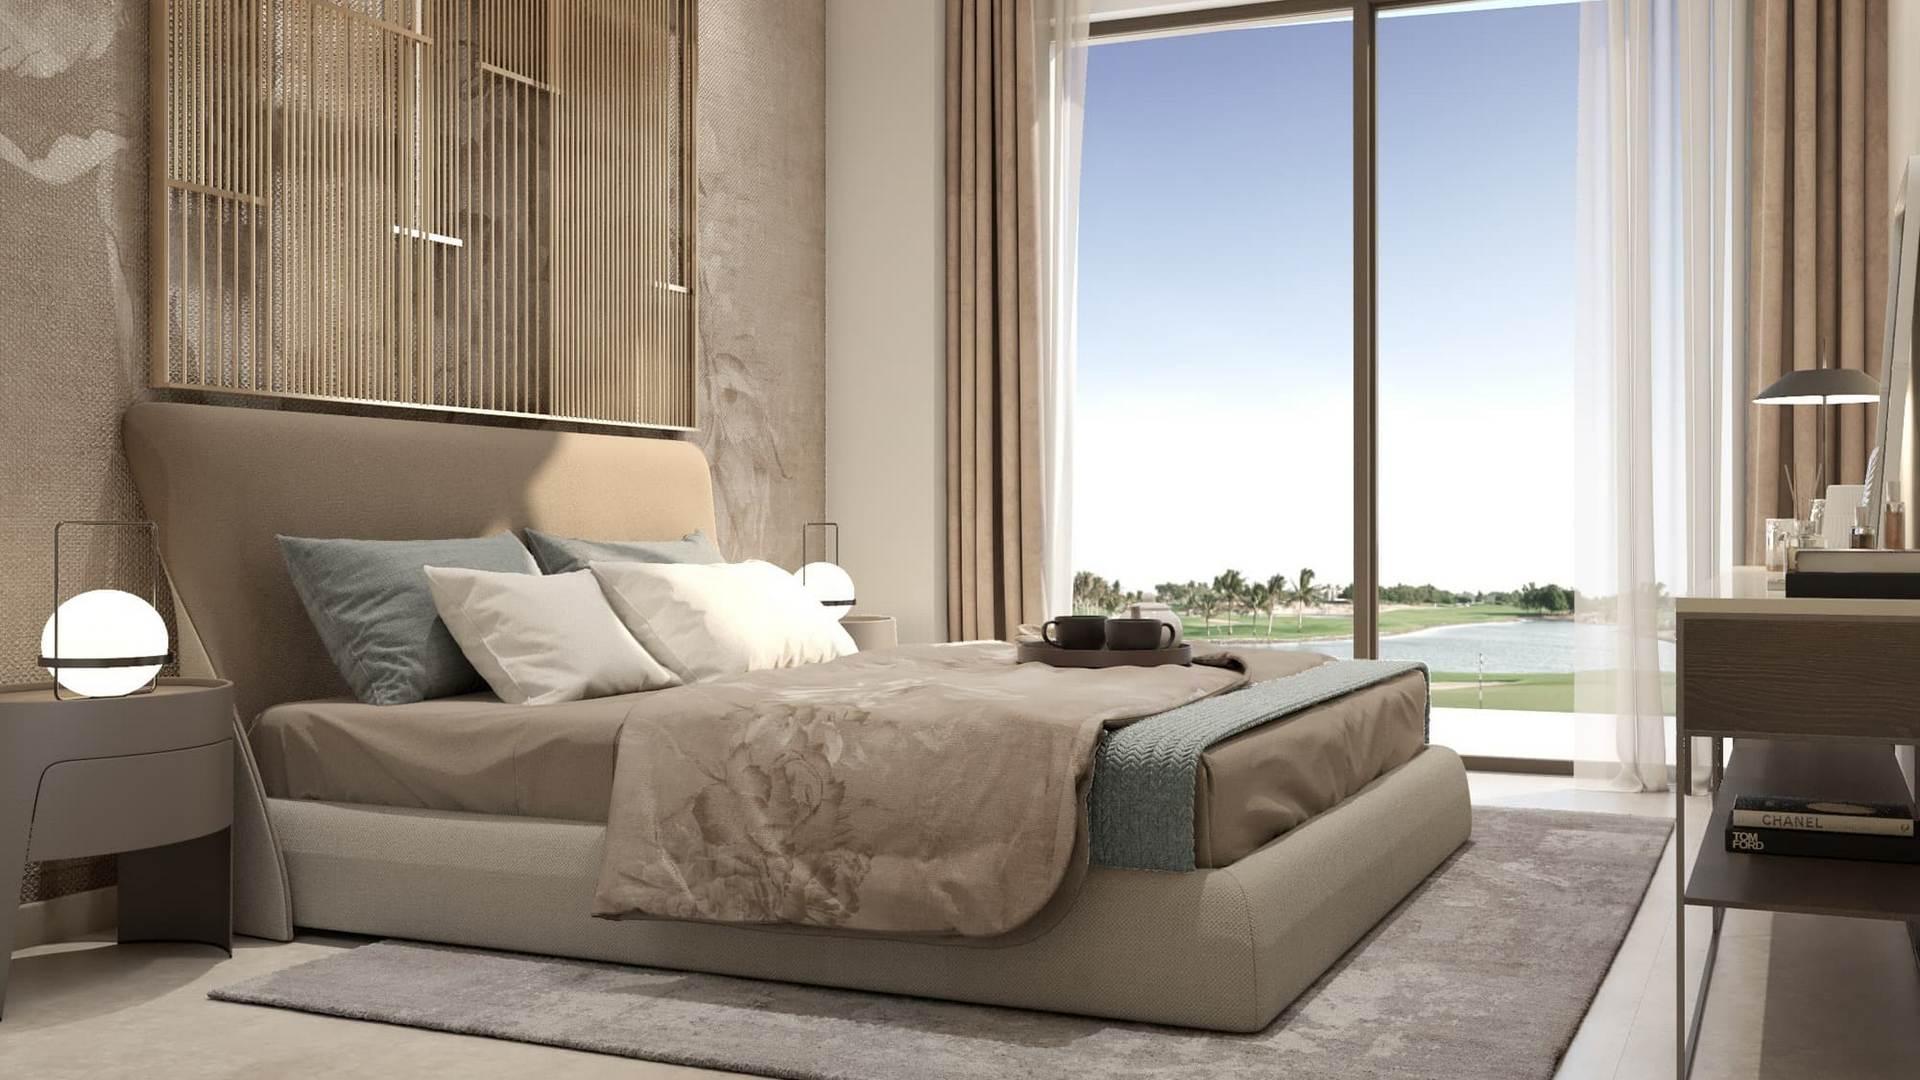 Apartamento en venta en Dubai, EAU, 3 dormitorios, 173 m2, № 24588 – foto 2